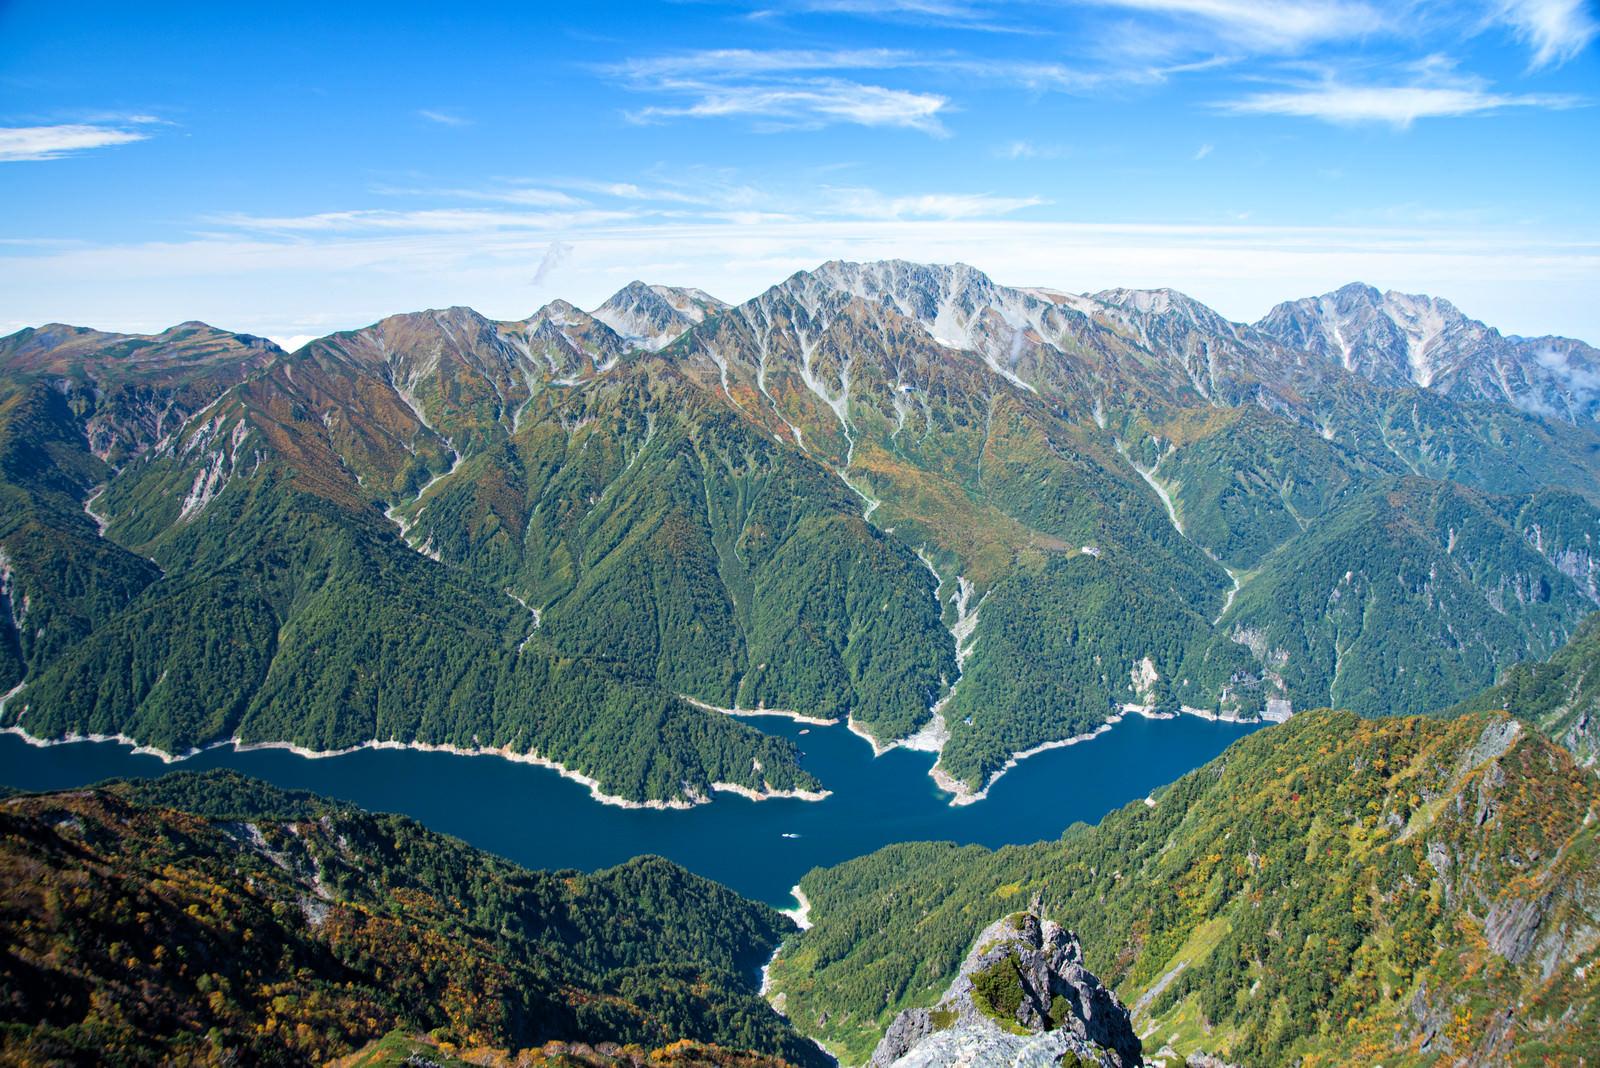 「針ノ木岳山頂から望む立山連峰」の写真